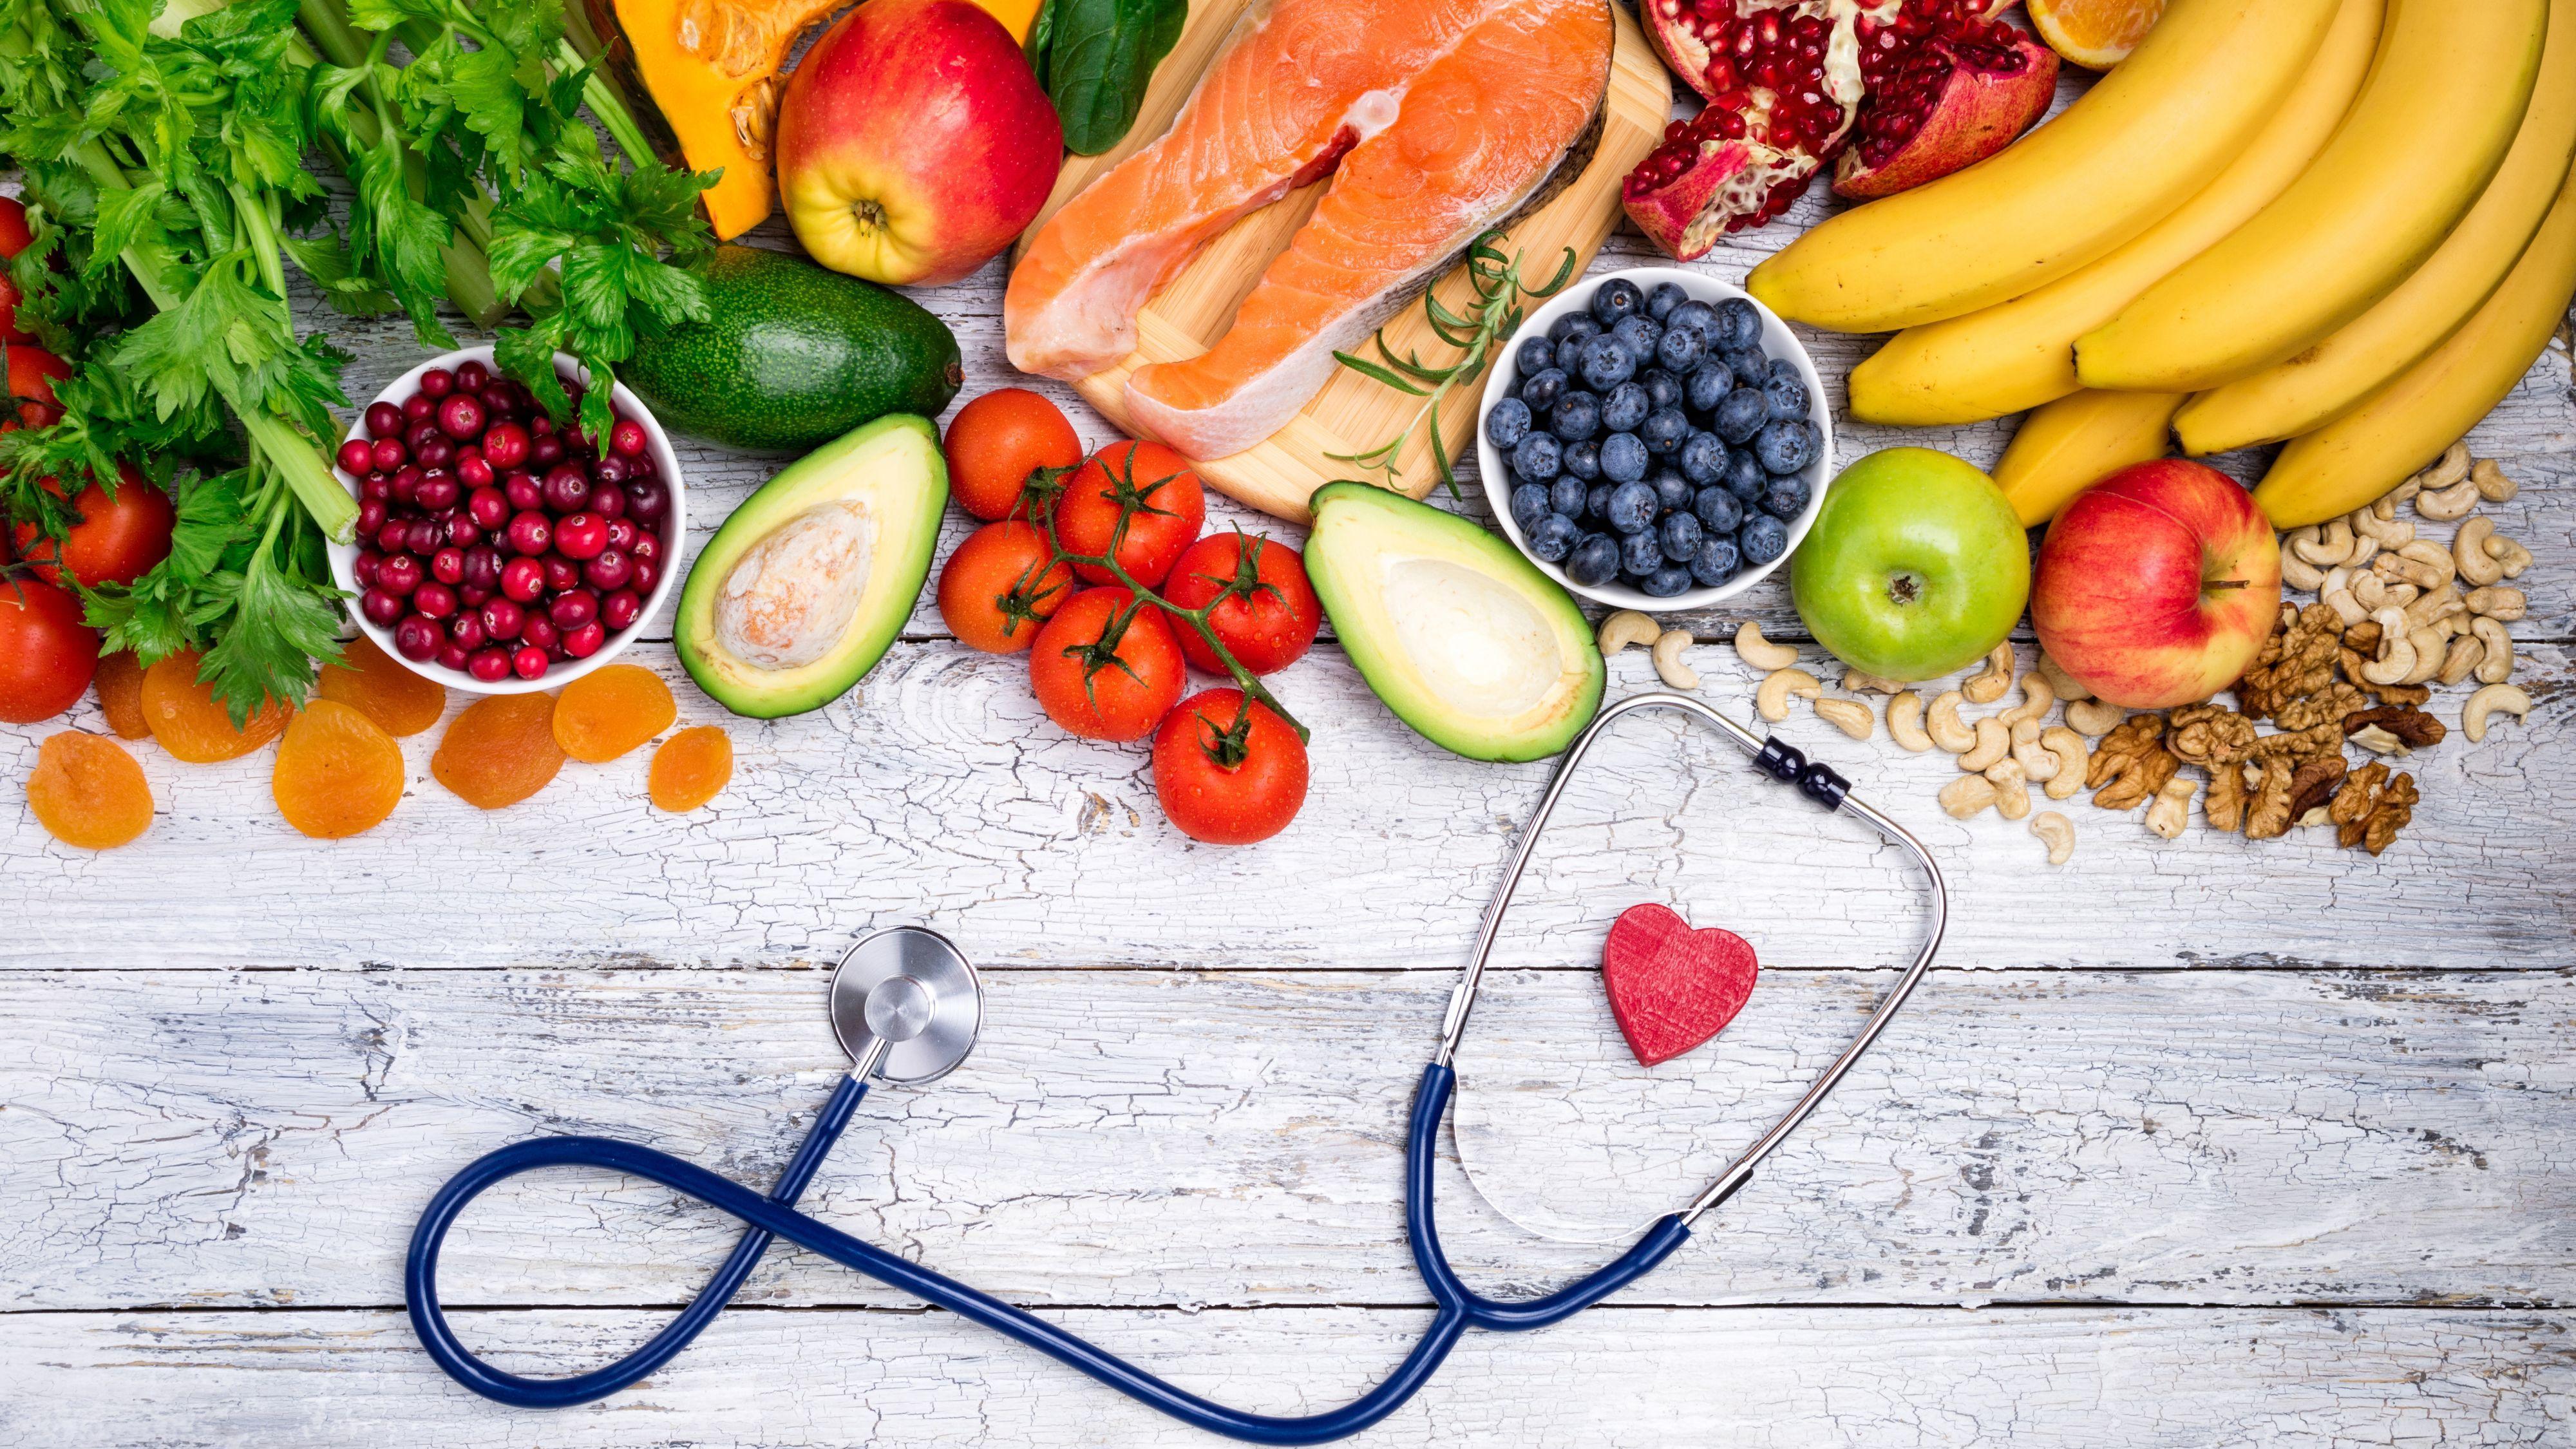 وعده غذایی سالم تر به معنای بروز سکته و حمله قلبی کمتر است